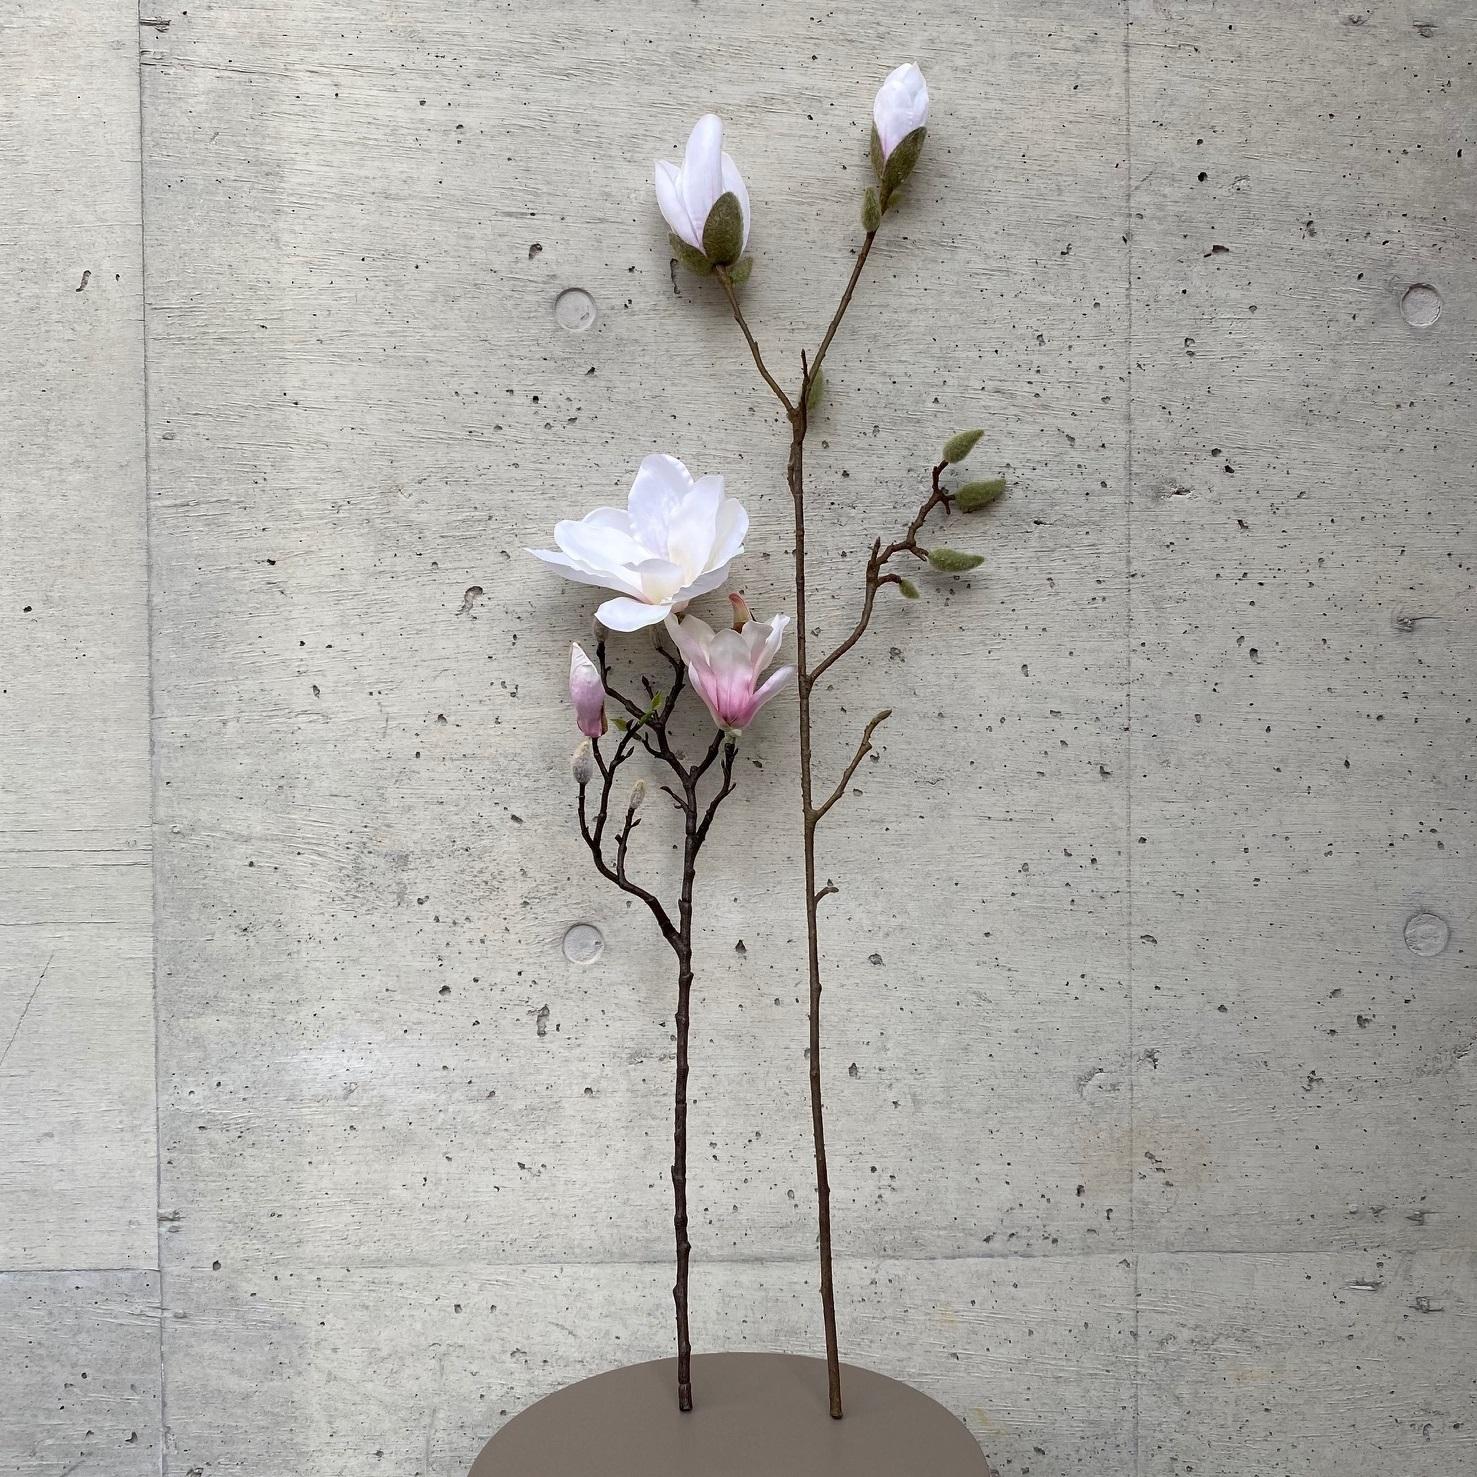 Magnolia モクレン(ホワイトピンク)